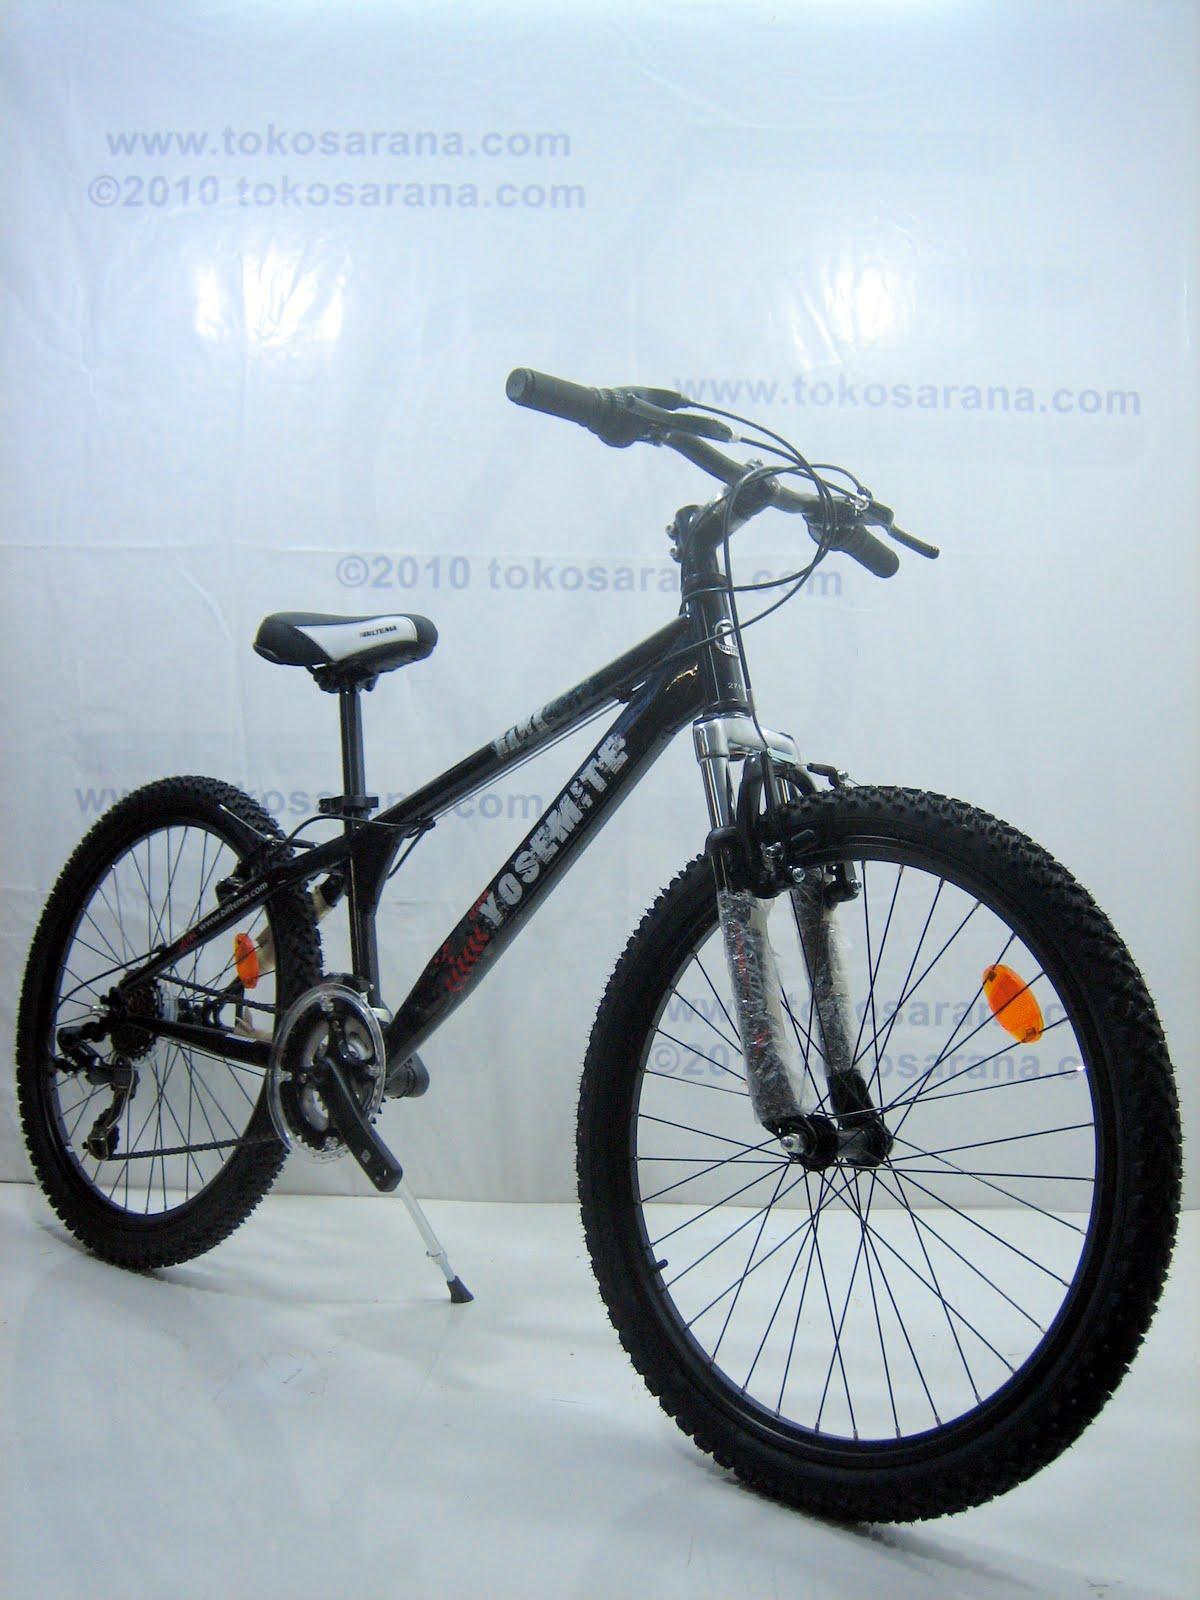 Harga Sepeda Gunung Murah Dibawah 1 Juta... | Bukalapak